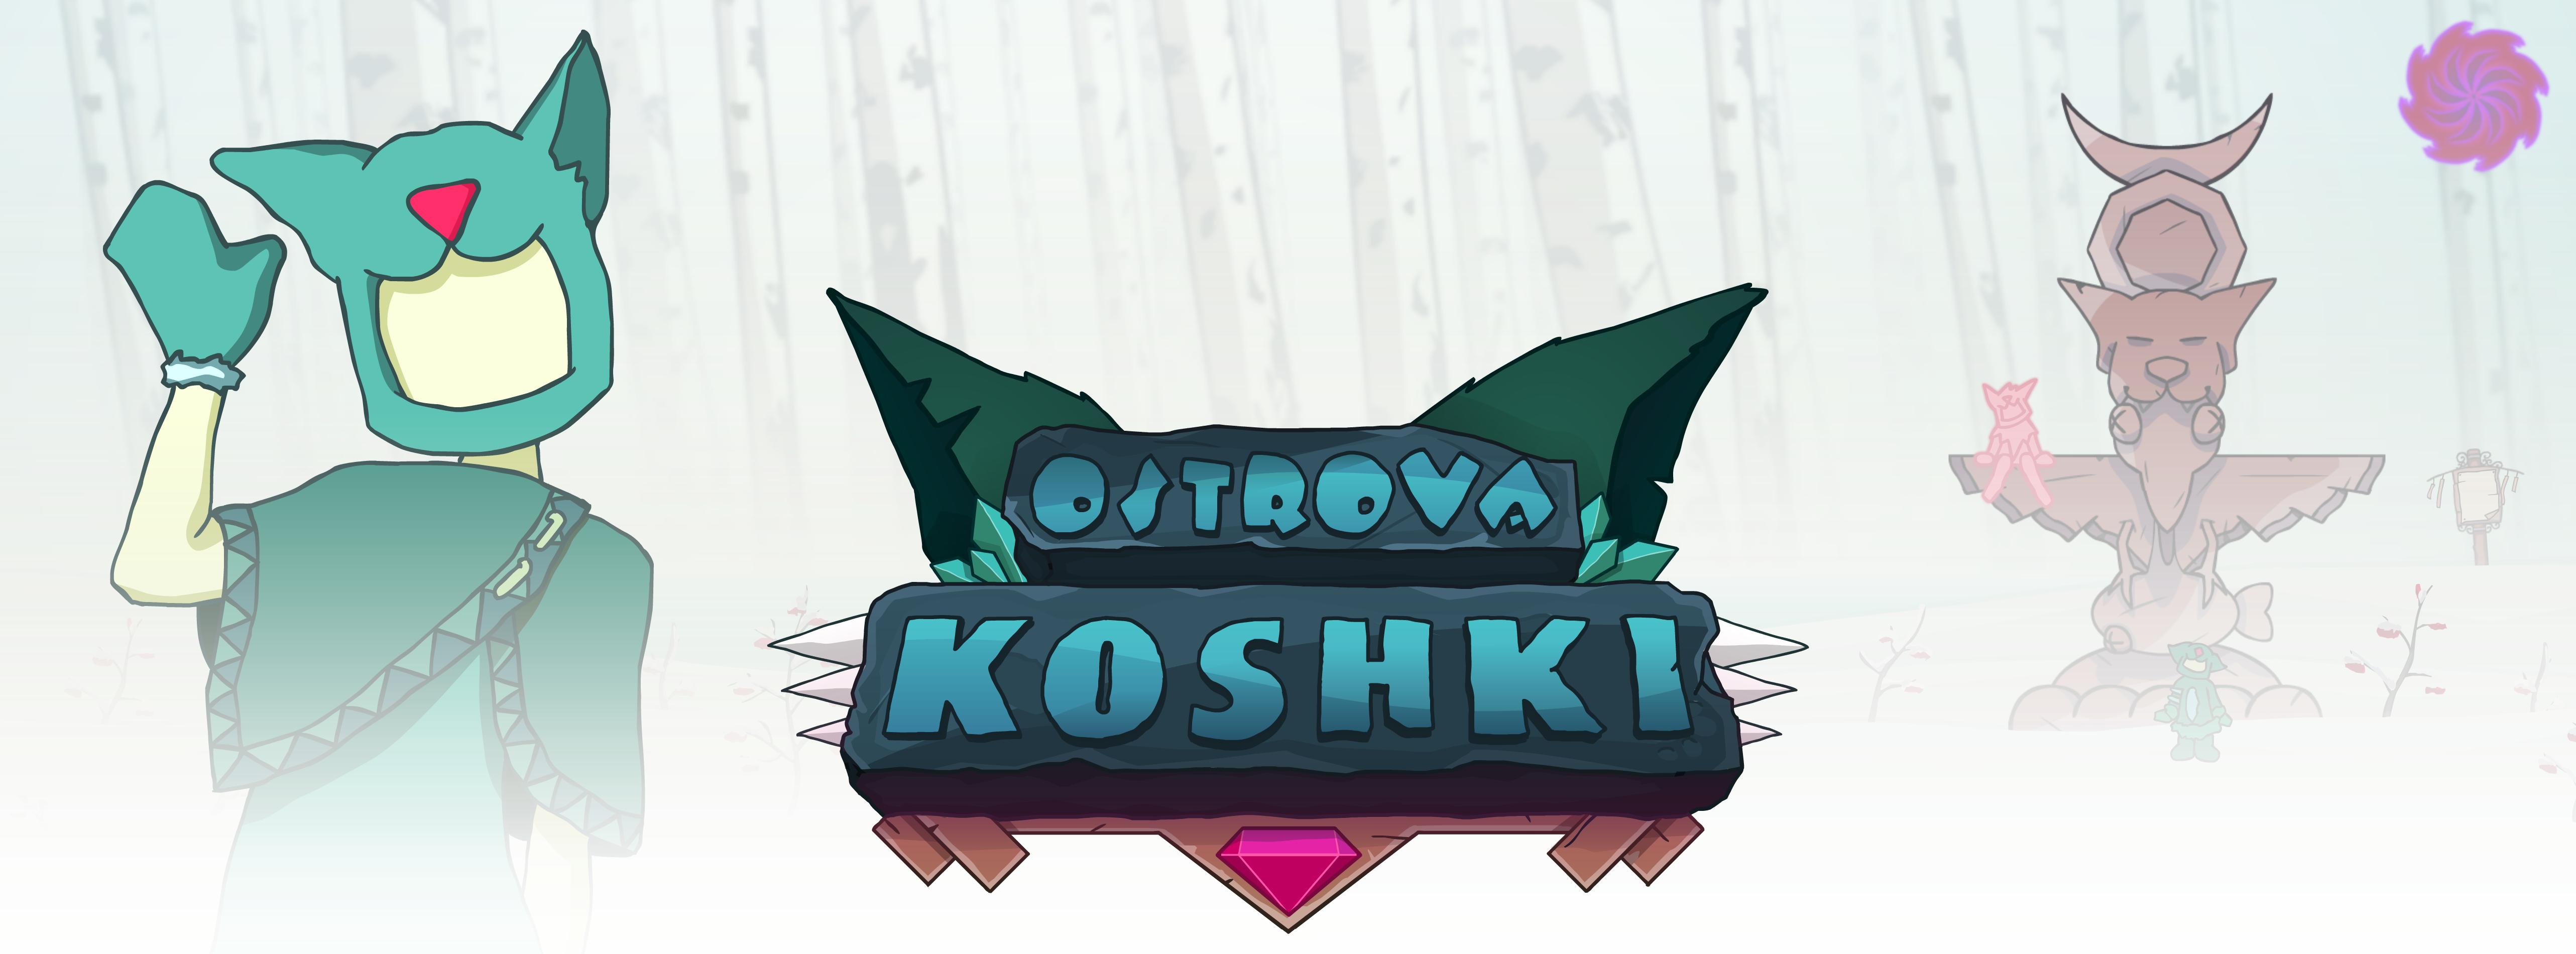 Ostrova Koshki